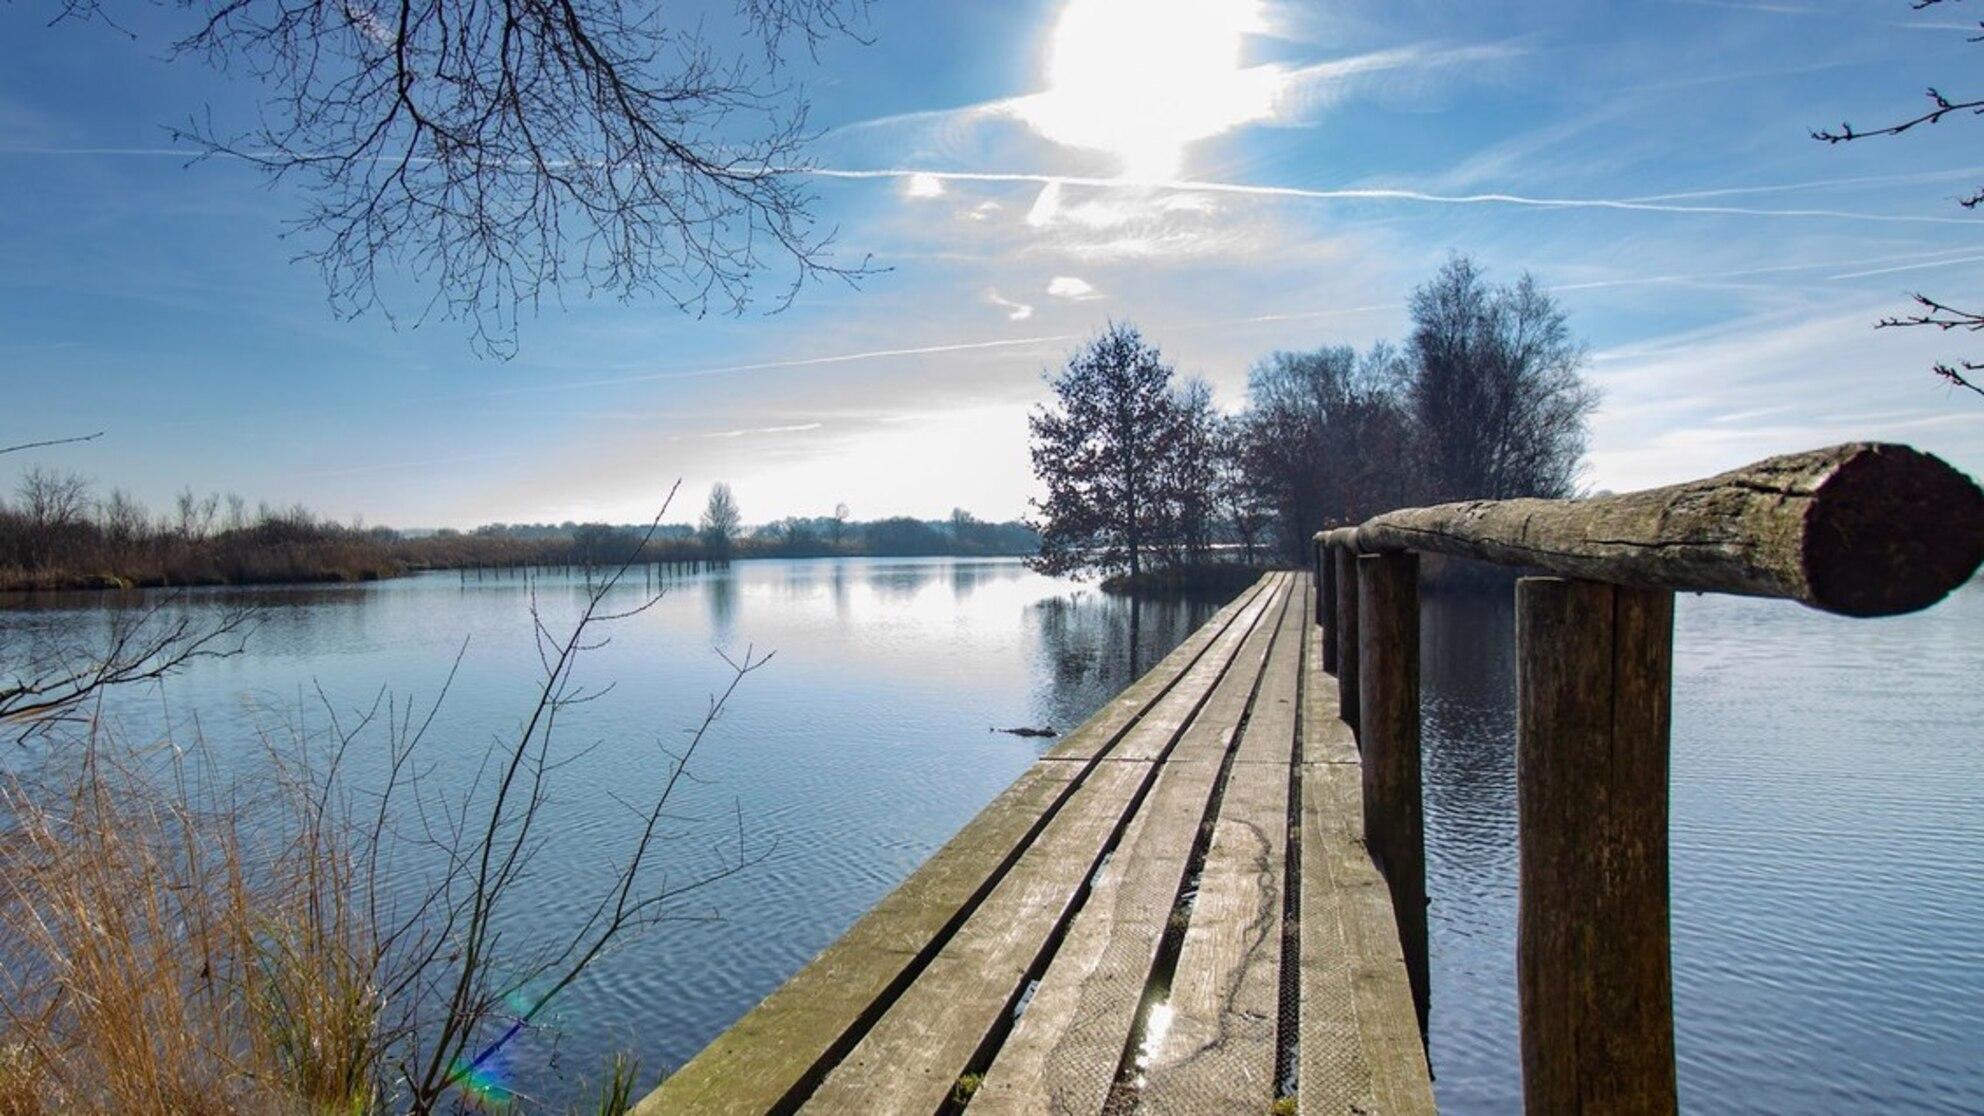 De Deelen - Februari 2019 - - - foto door Jasperrbos op 14-02-2019 - deze foto bevat: water, lente, natuur, brug, rust, friesland, deelen, mooi weer, veenlandschap